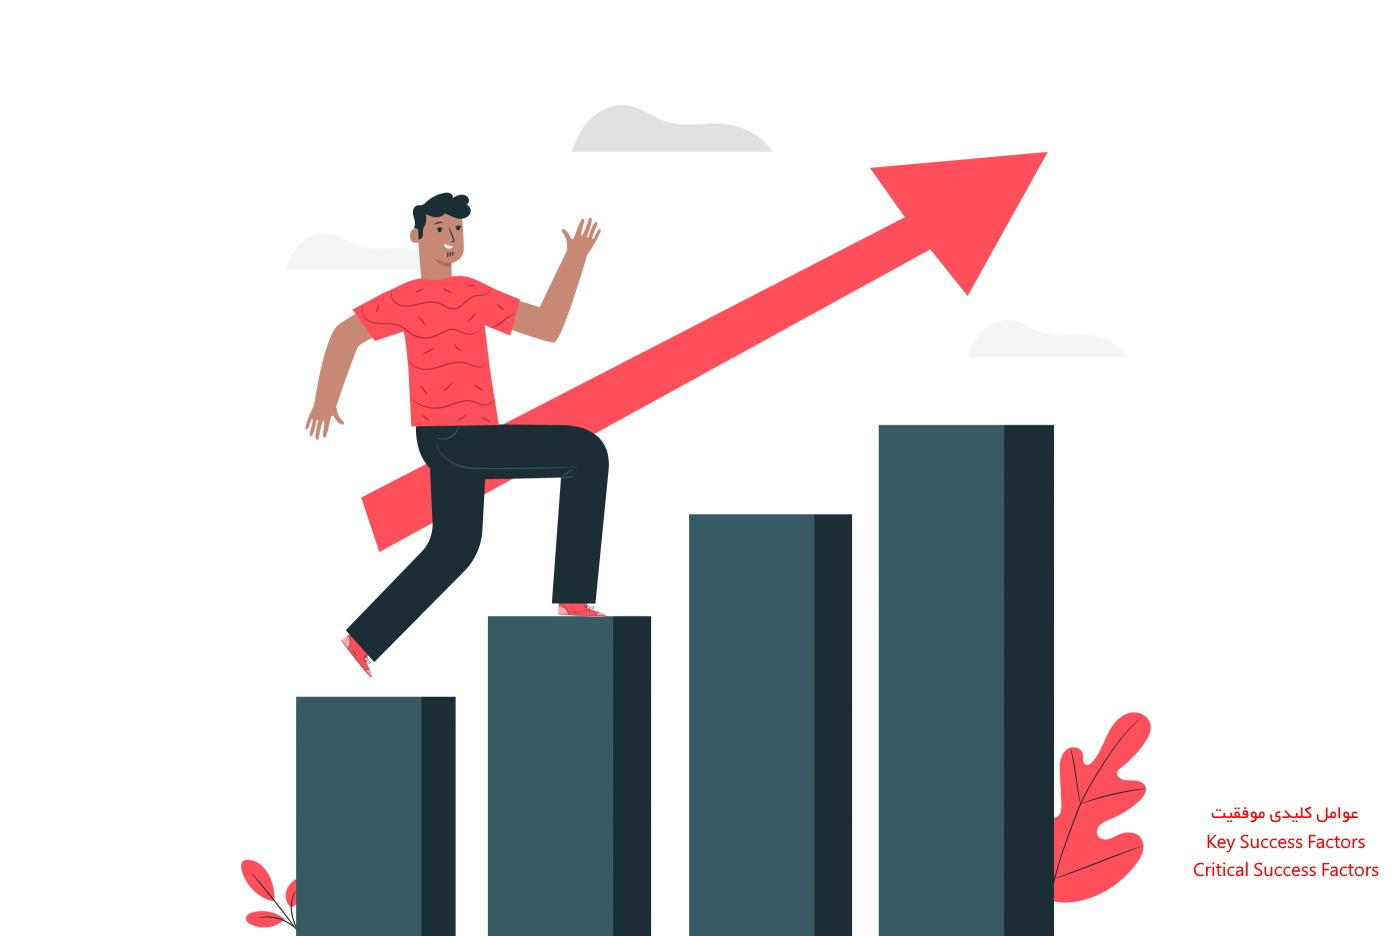 عوامل کلیدی موفقیت درسازمان، چگونه شناسایی میشوند؟